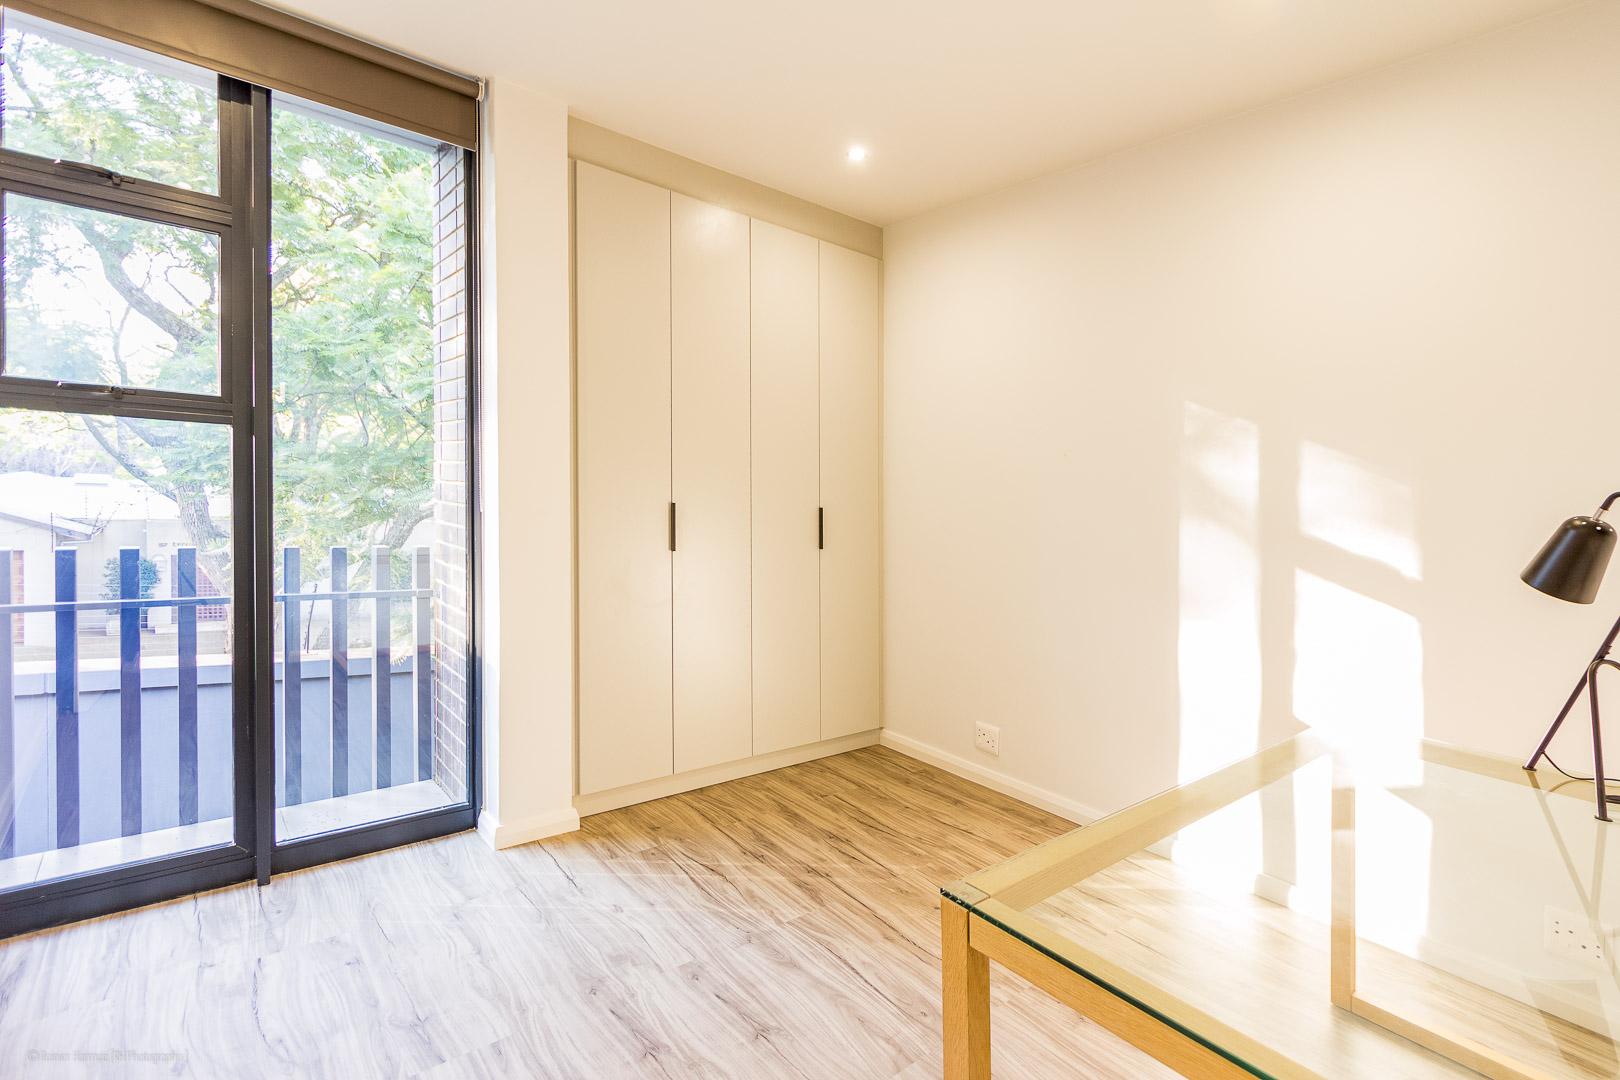 RHPX_Portfolio_Melrose Living Interior-11